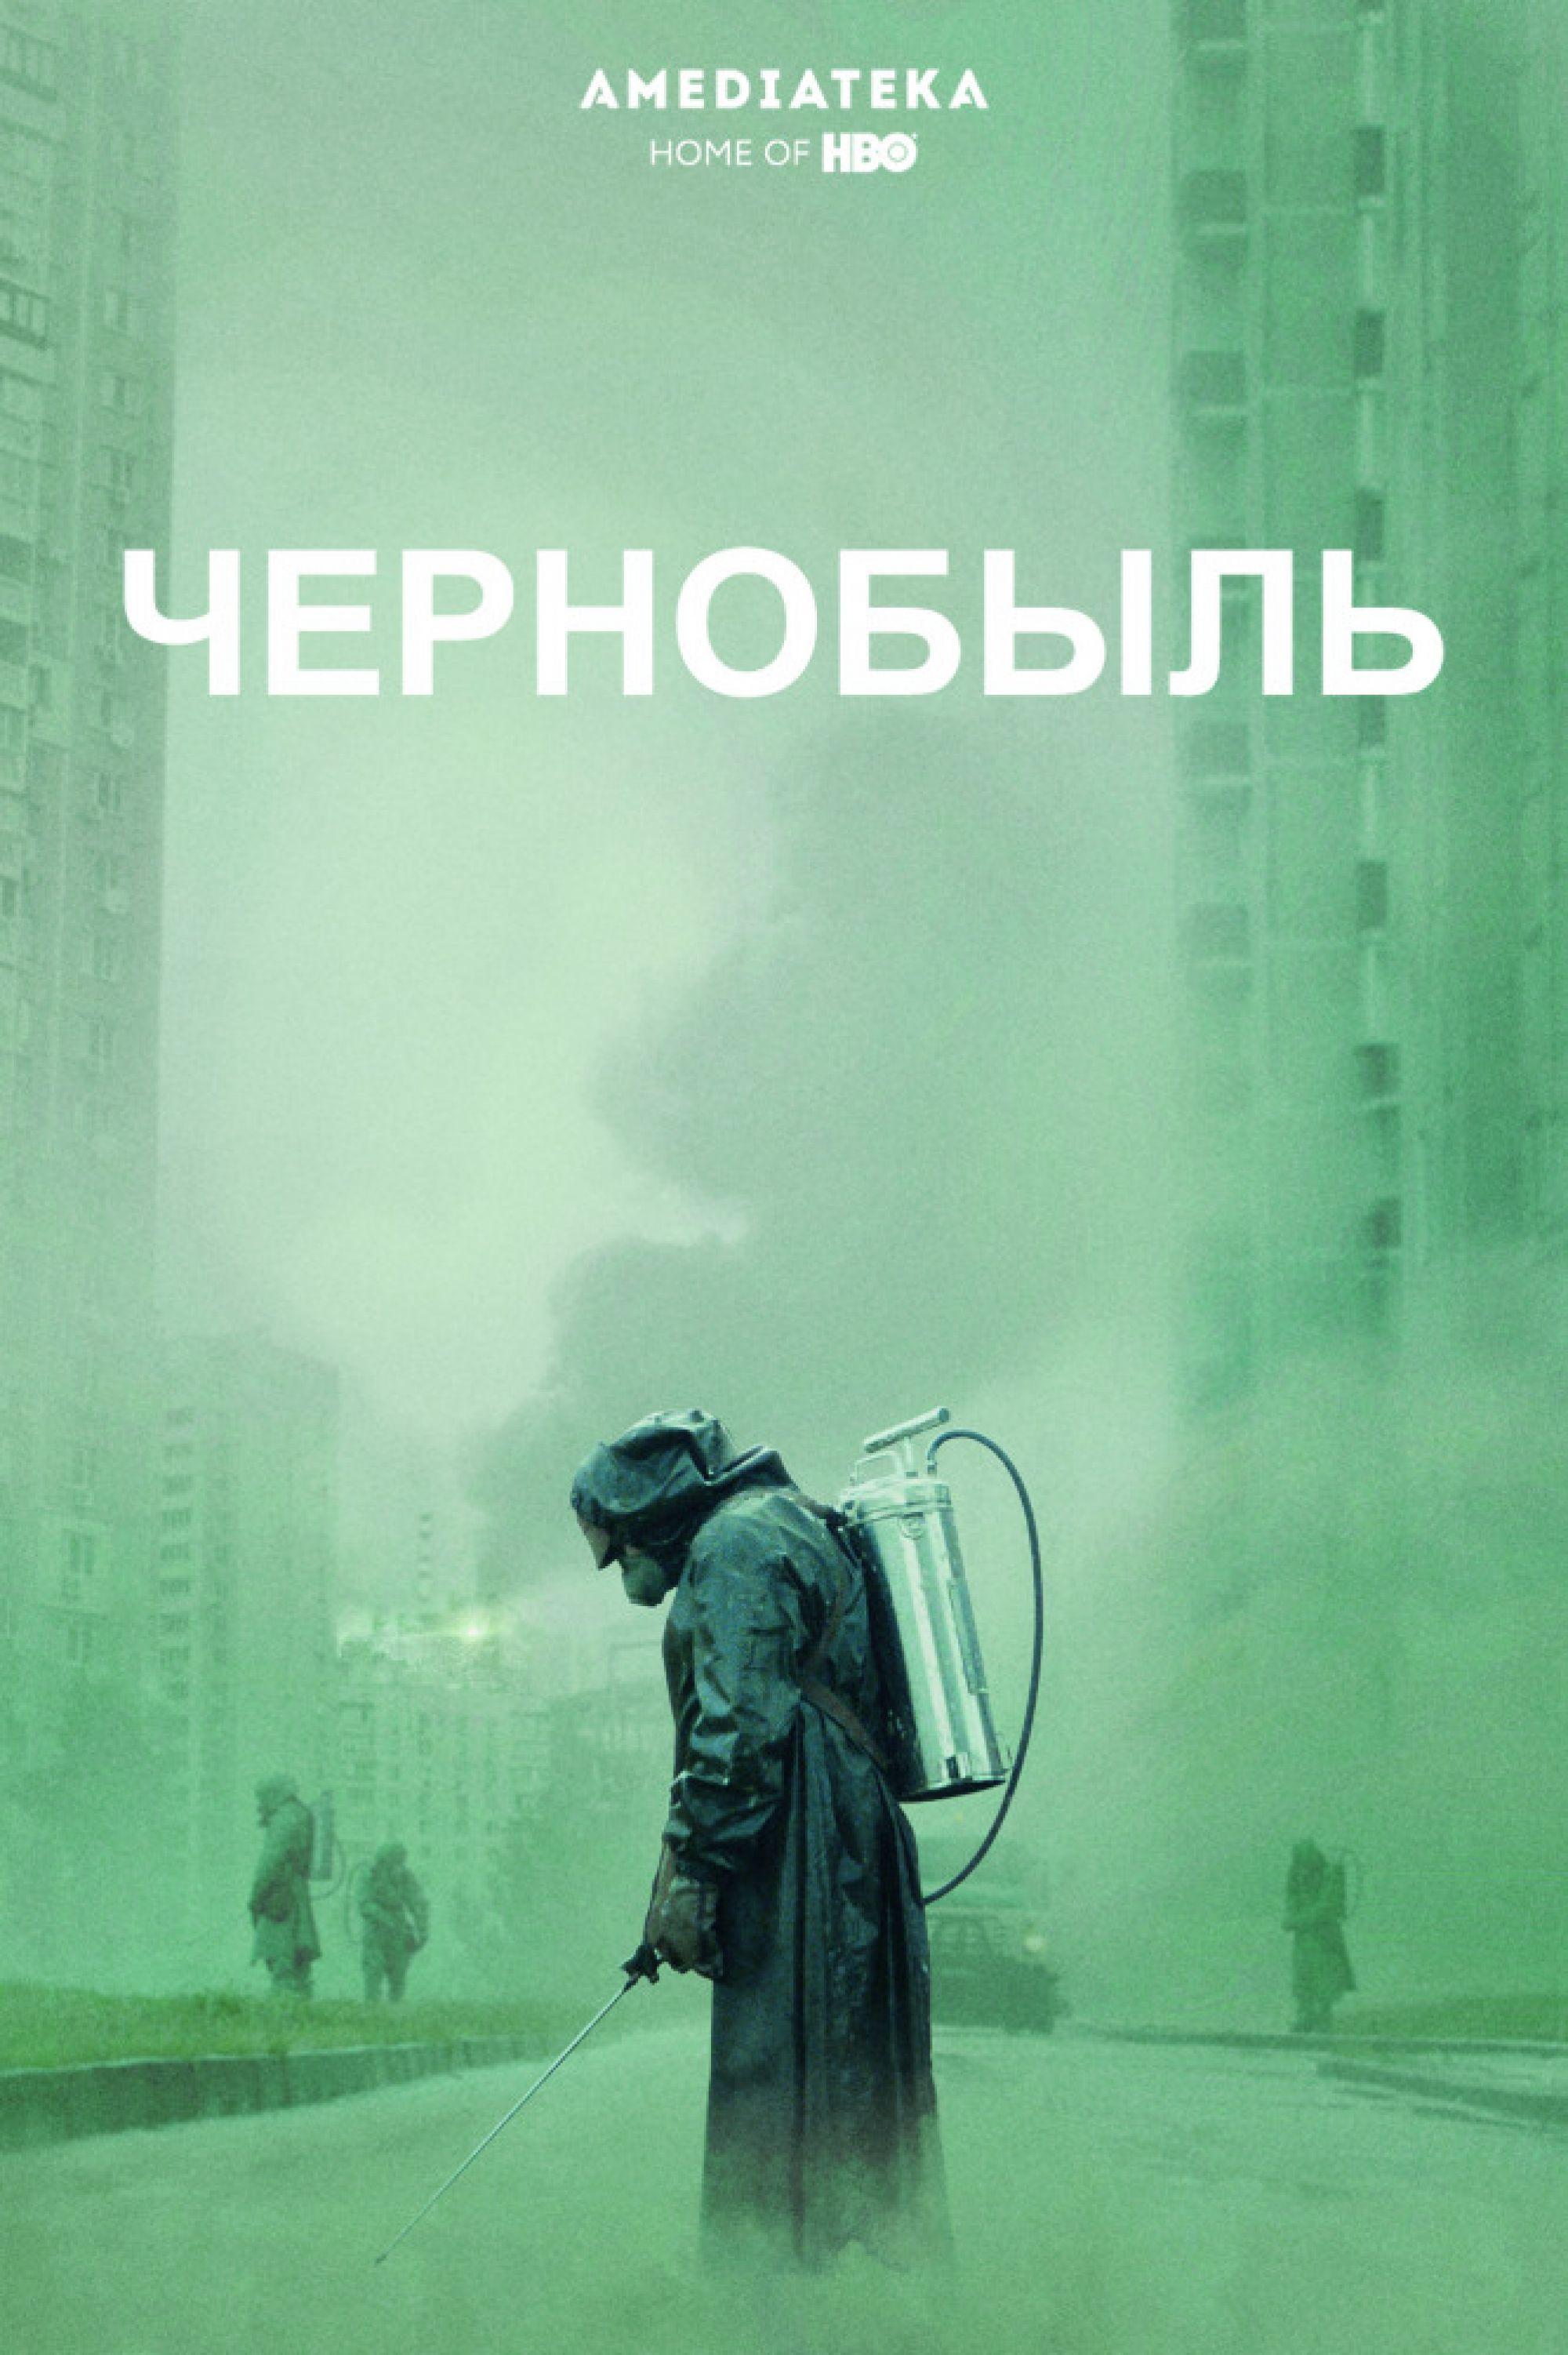 Режиссёр «Чернобыля» планирует экранизировать новый проект